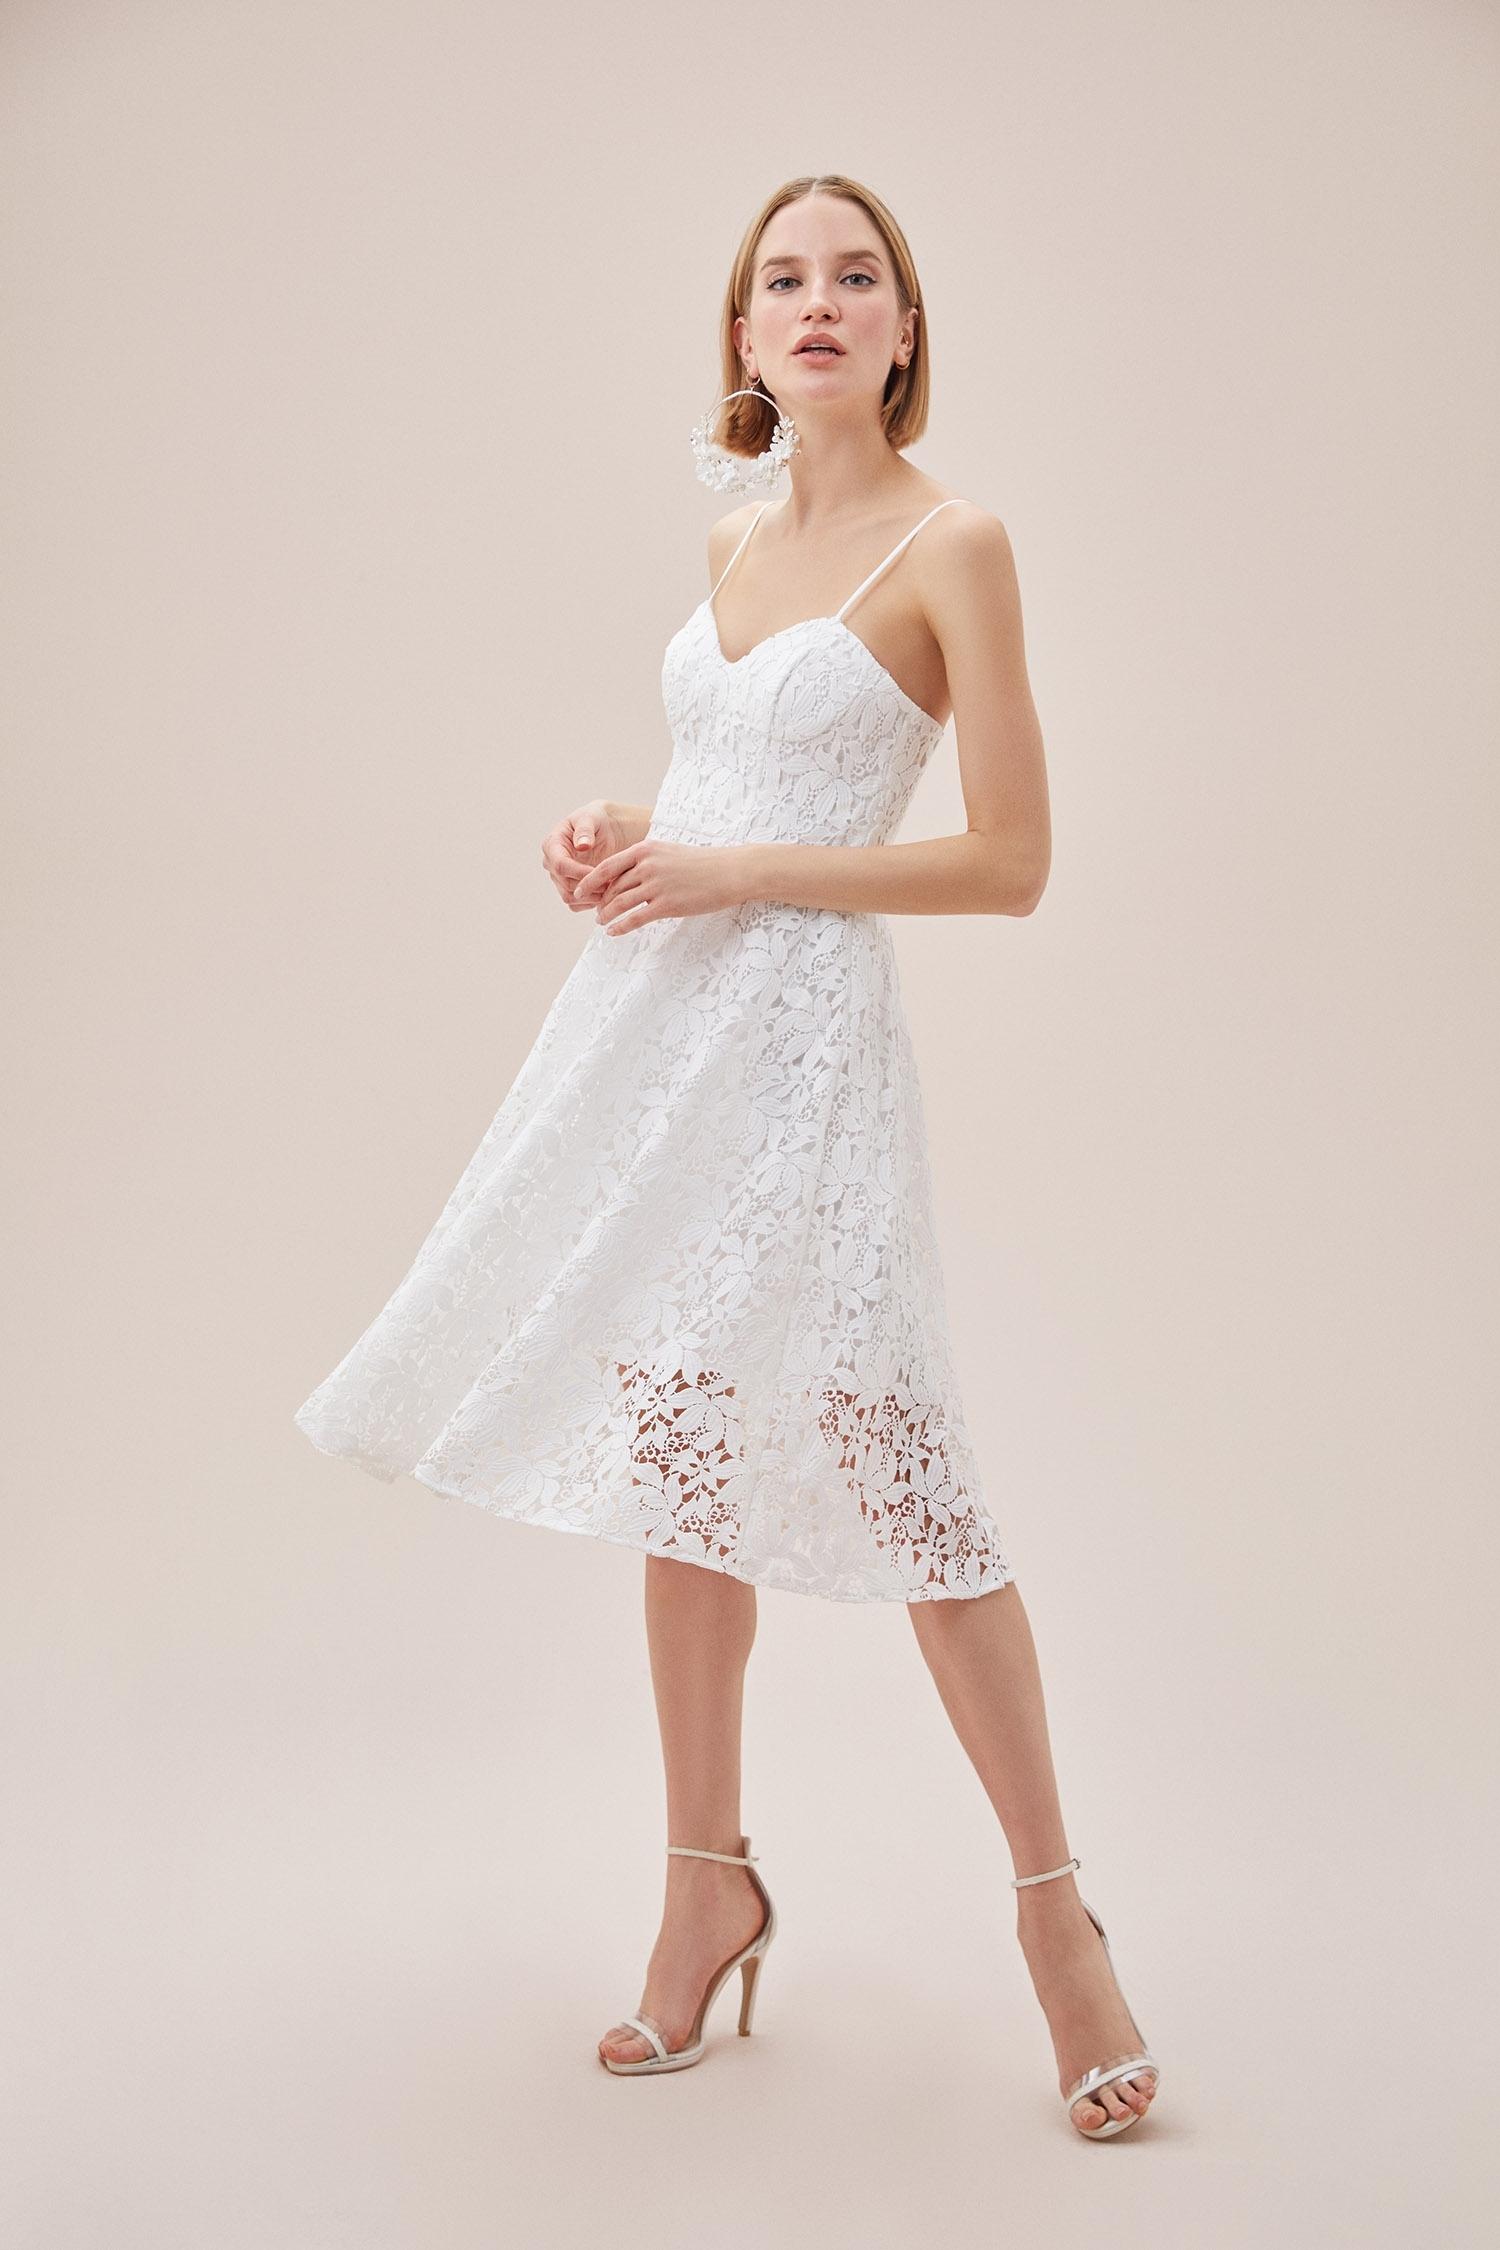 Beyaz Dantel İşlemeli İnce Askılı Kalp Yaka Nikah Elbisesi - Thumbnail